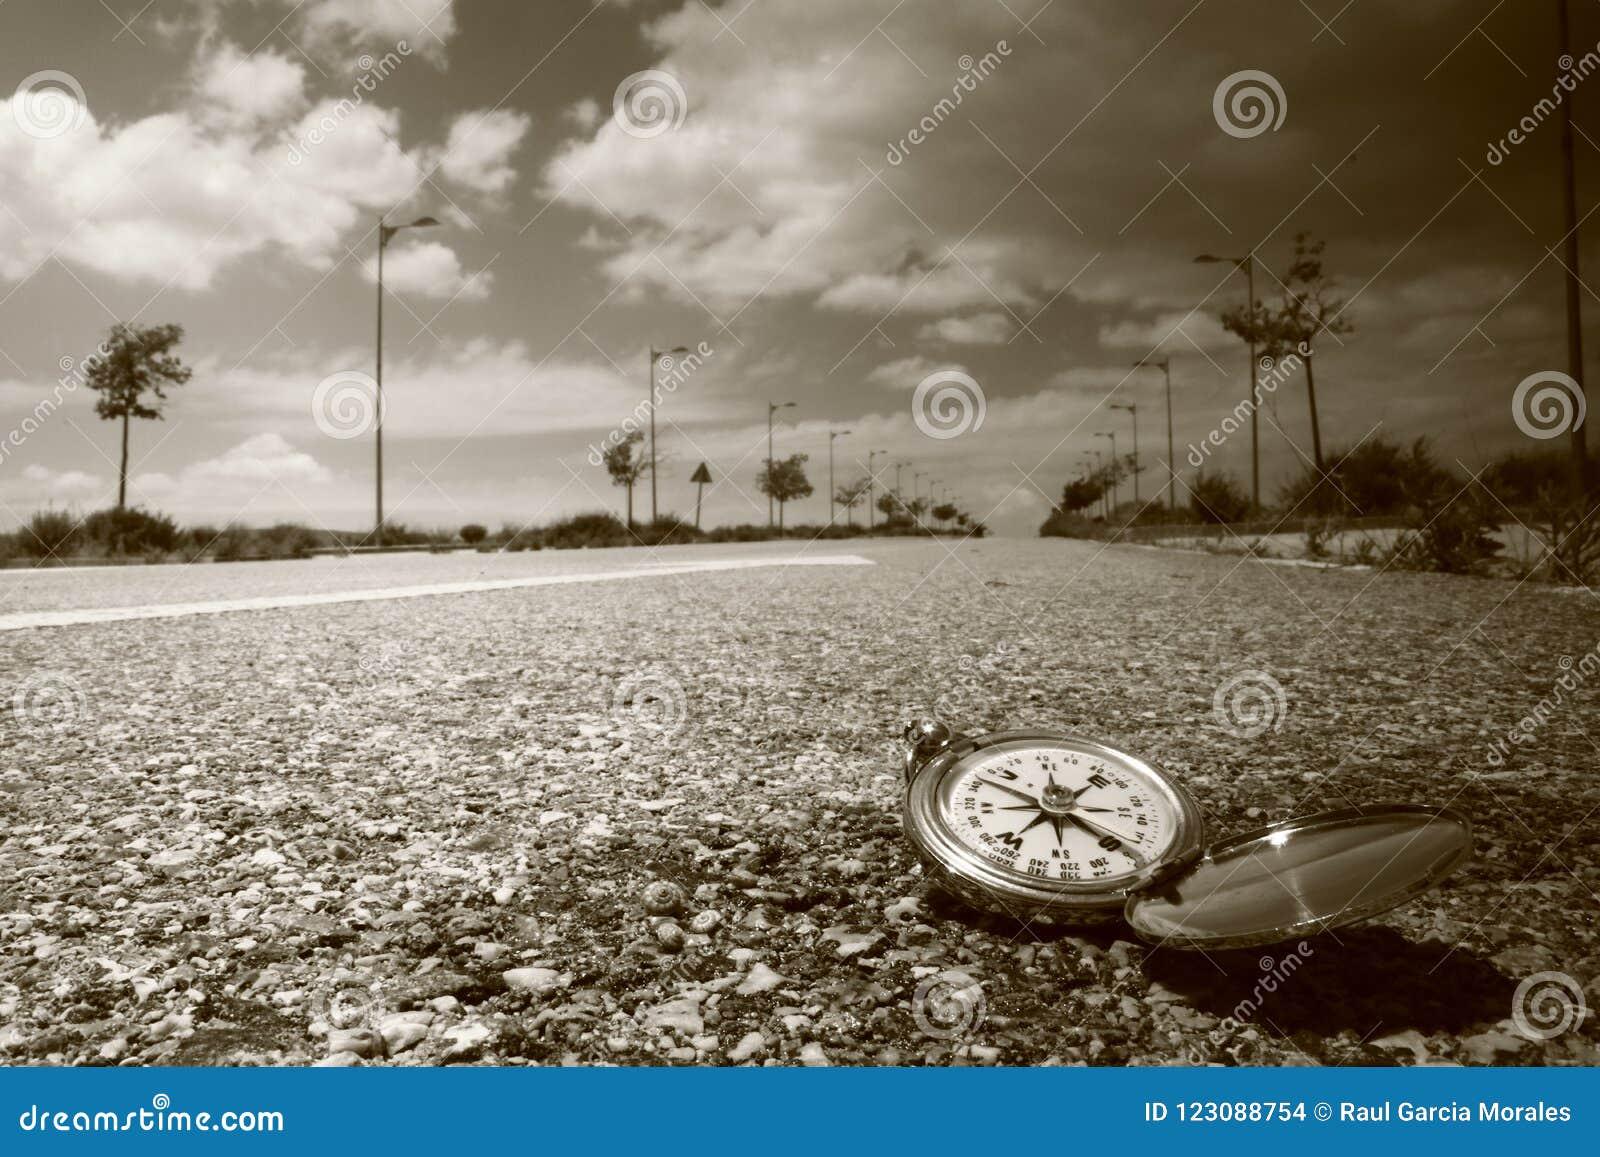 Kompass auf der Straße